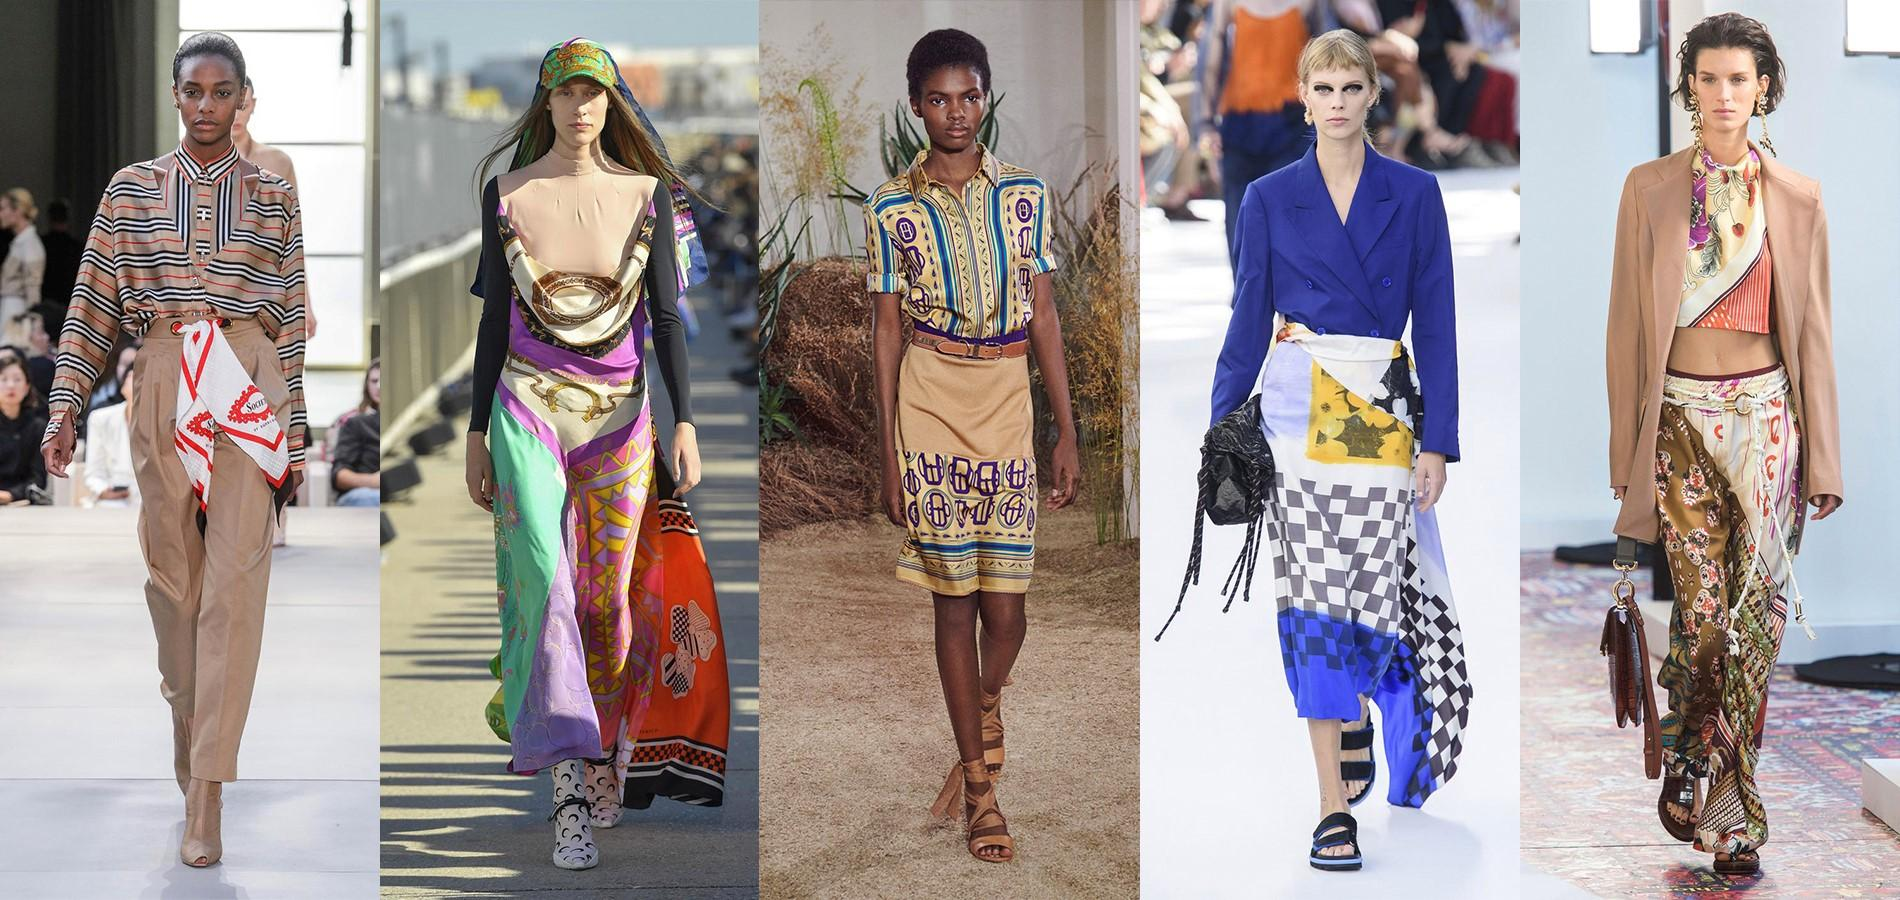 c6234bb543a2 Le foulard fait son come-back chez les millenials - Madame Figaro